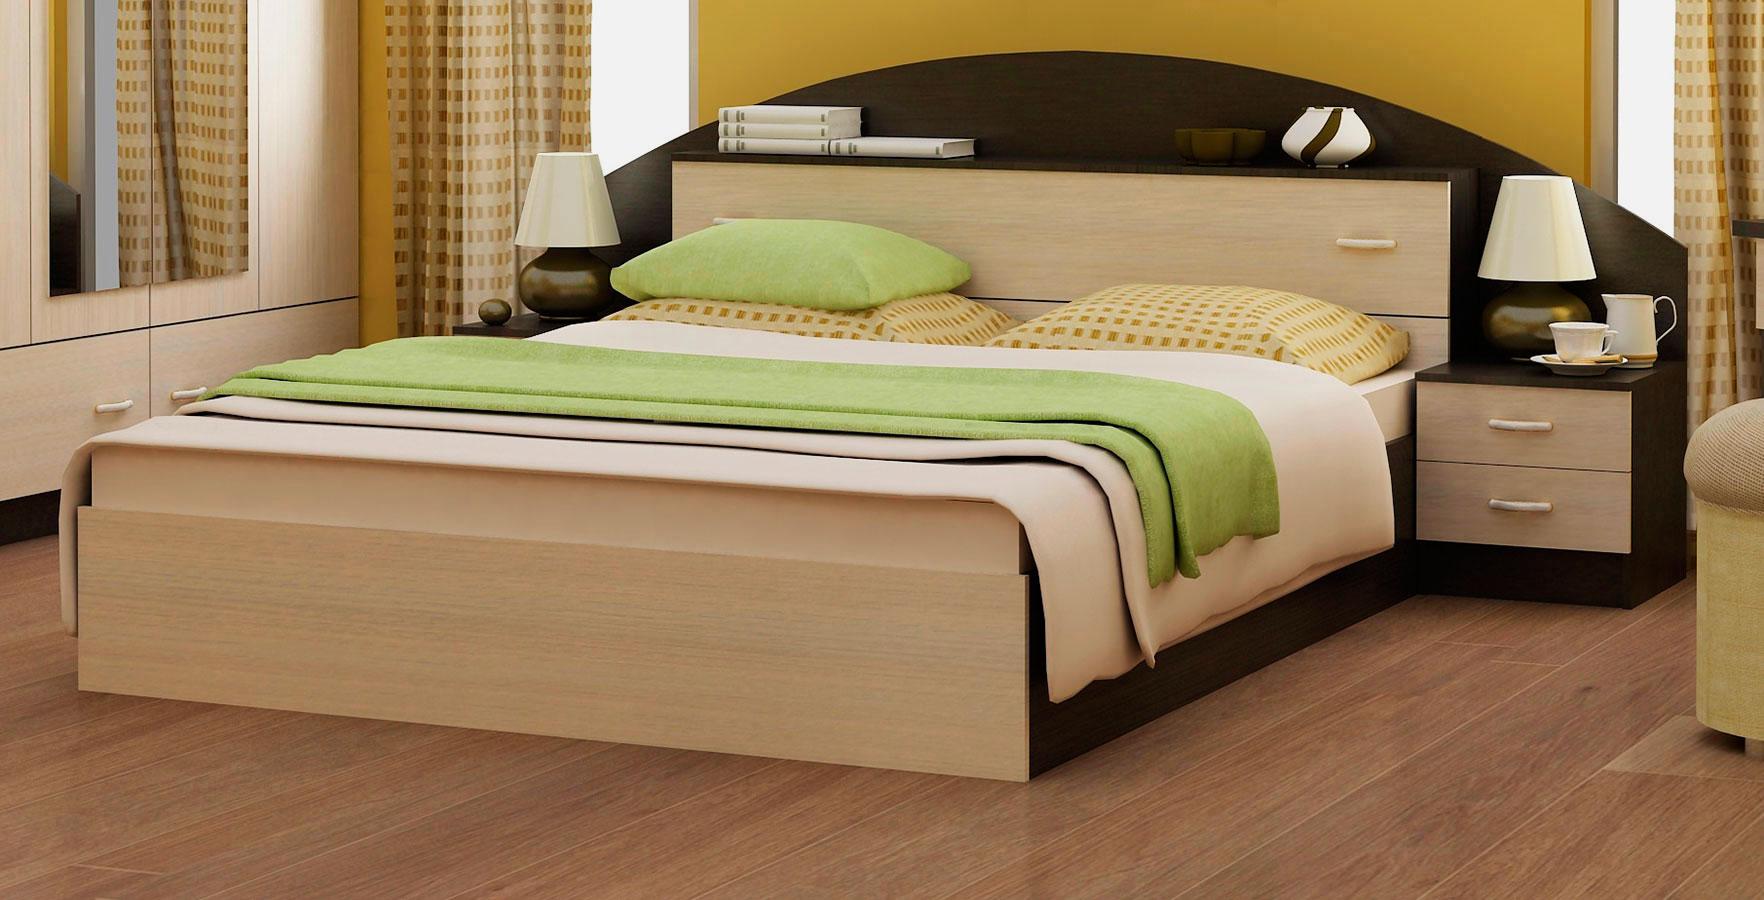 Кровать в спальной комнате (22)